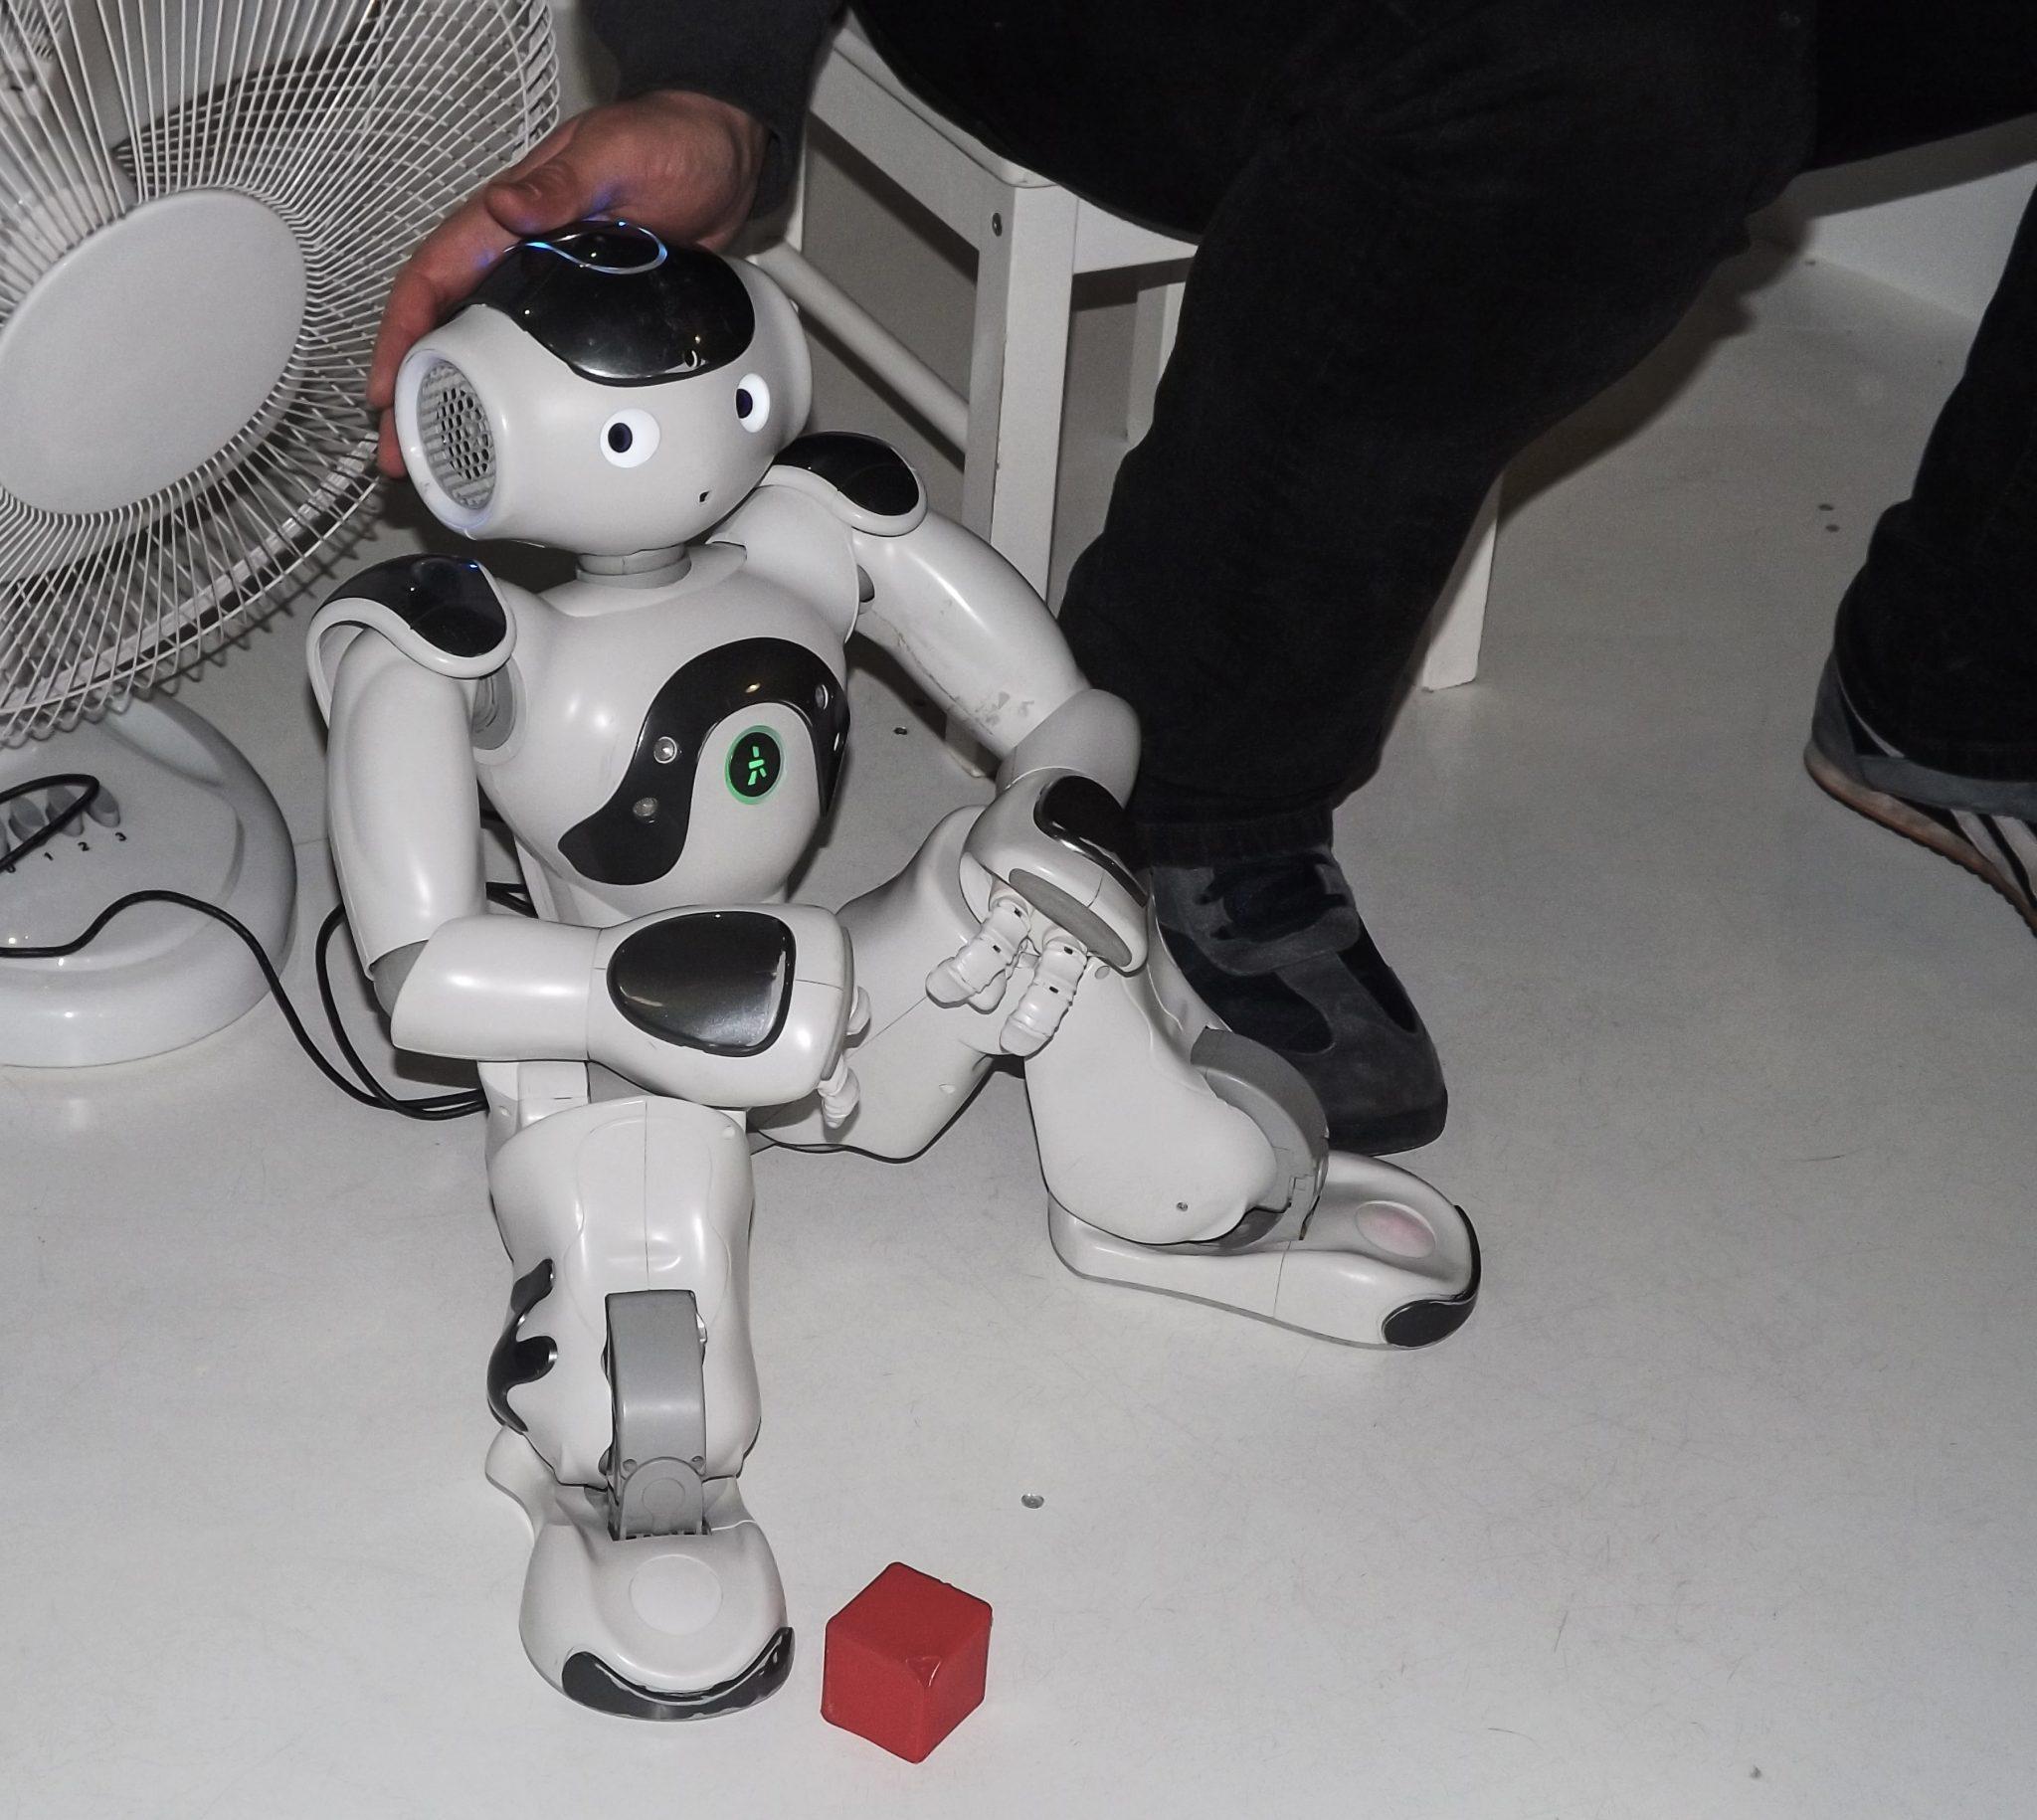 Замена роботами человеков